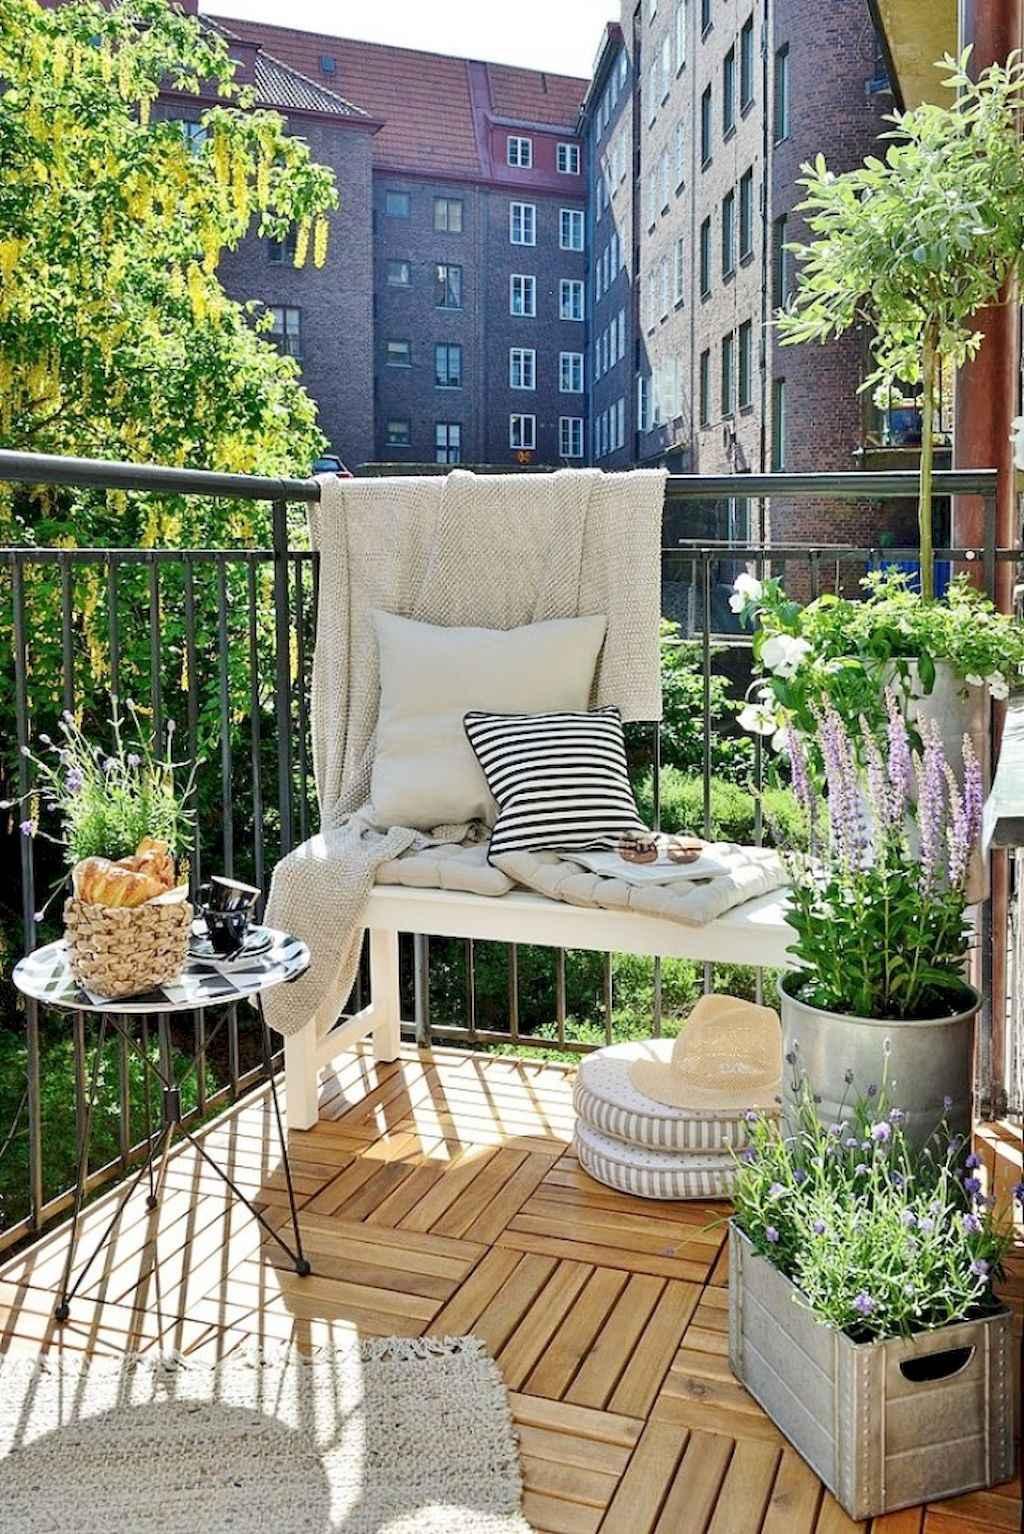 Small balcony decoration ideas (62)